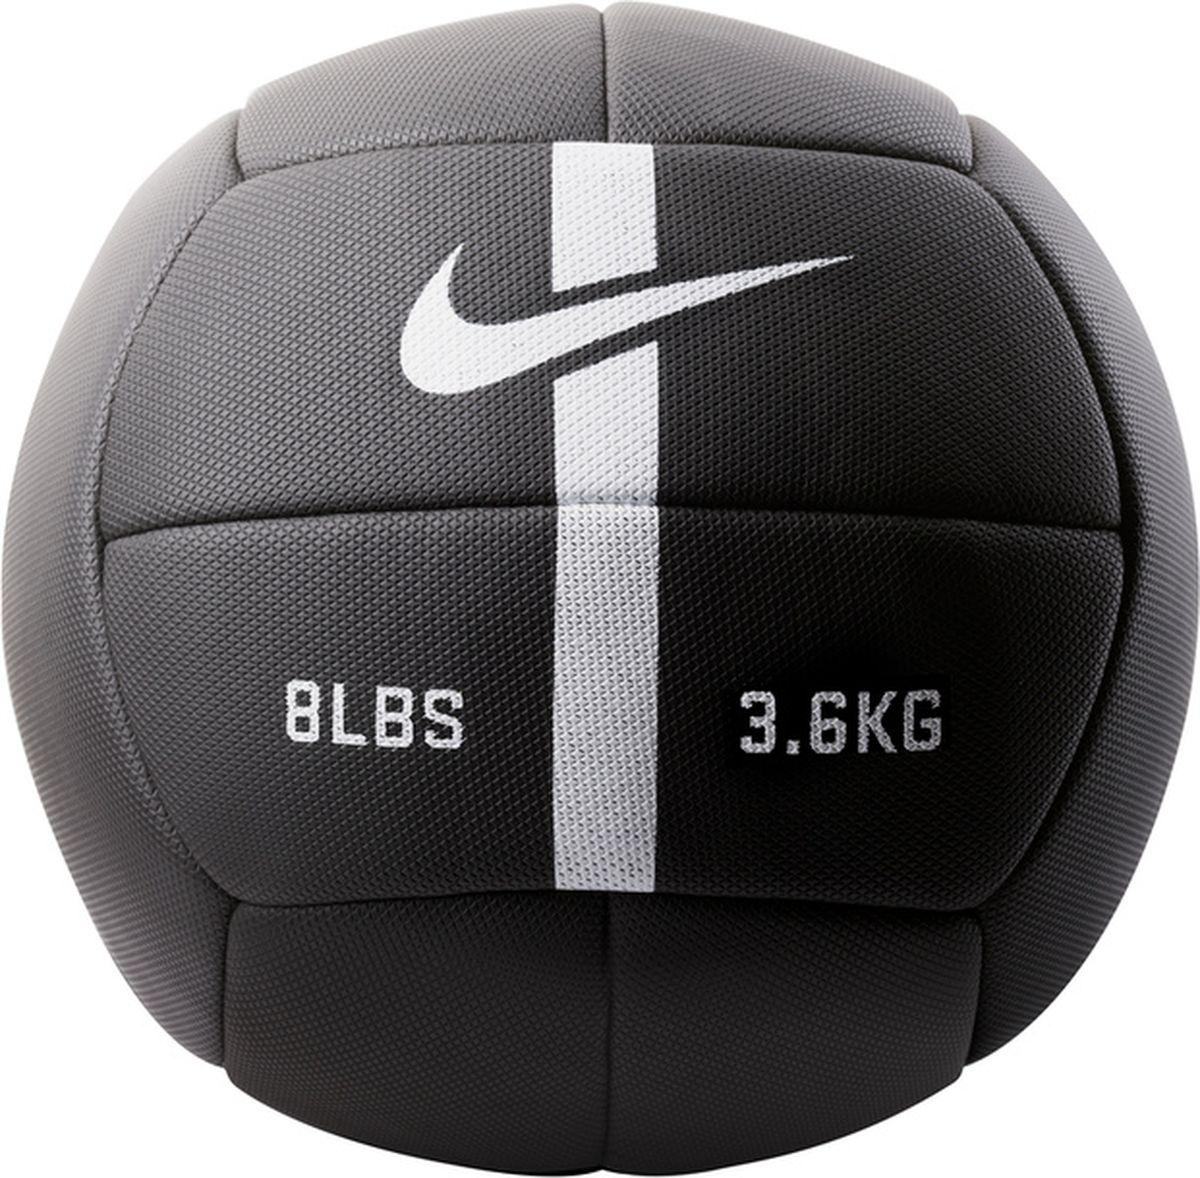 Мяч для фитнеса Nike Strength Training Ball, цвет: черный, белый. N.EW.05.010.NS cкакалка nike weighted rope 2 0 ns grey black bright citrus